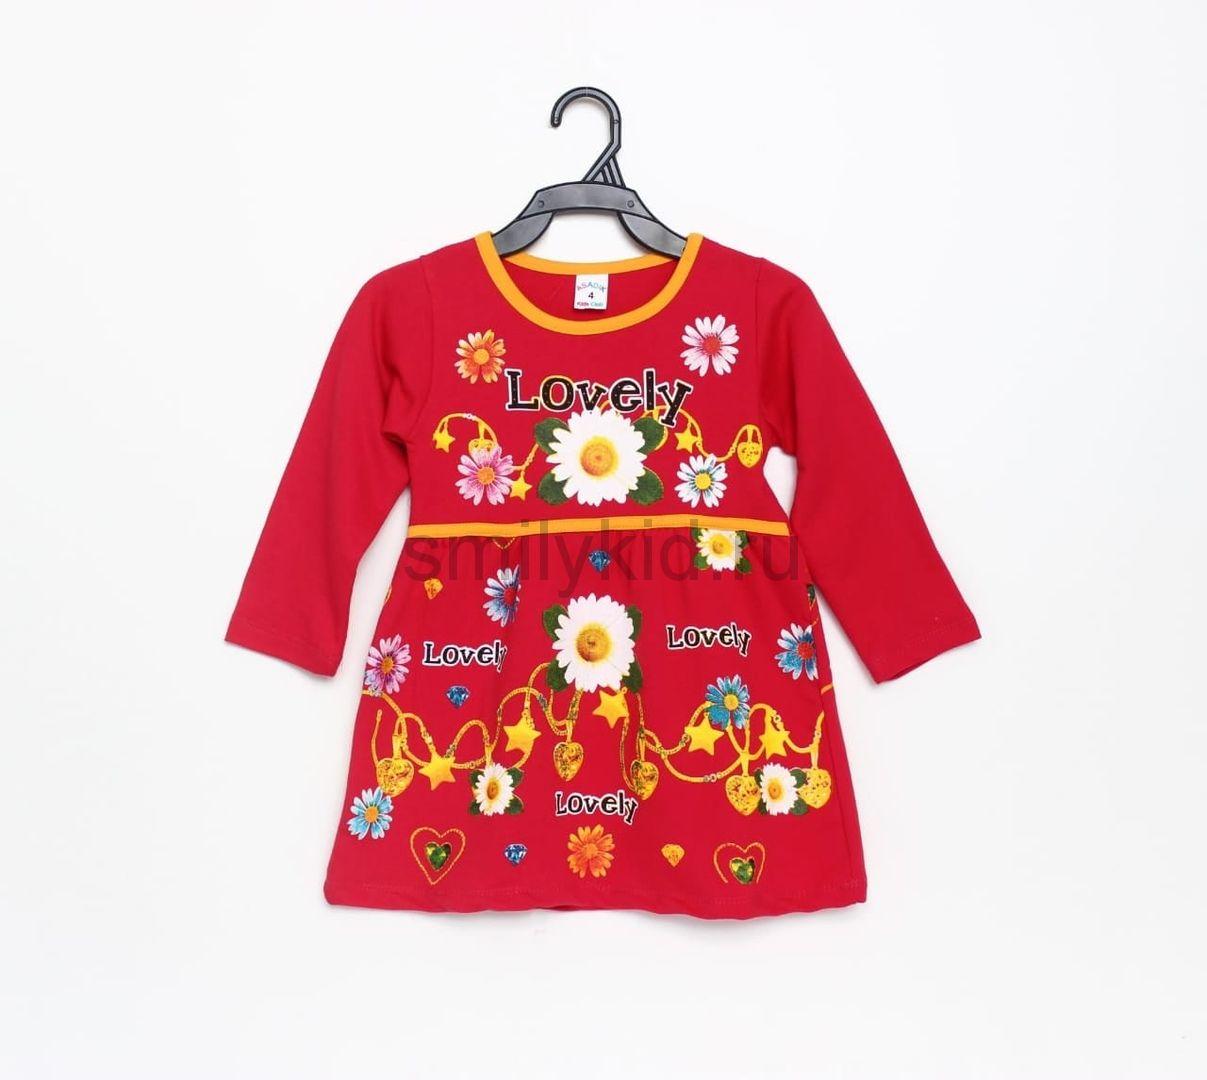 Платье детское Lovely оптом | 5 шт